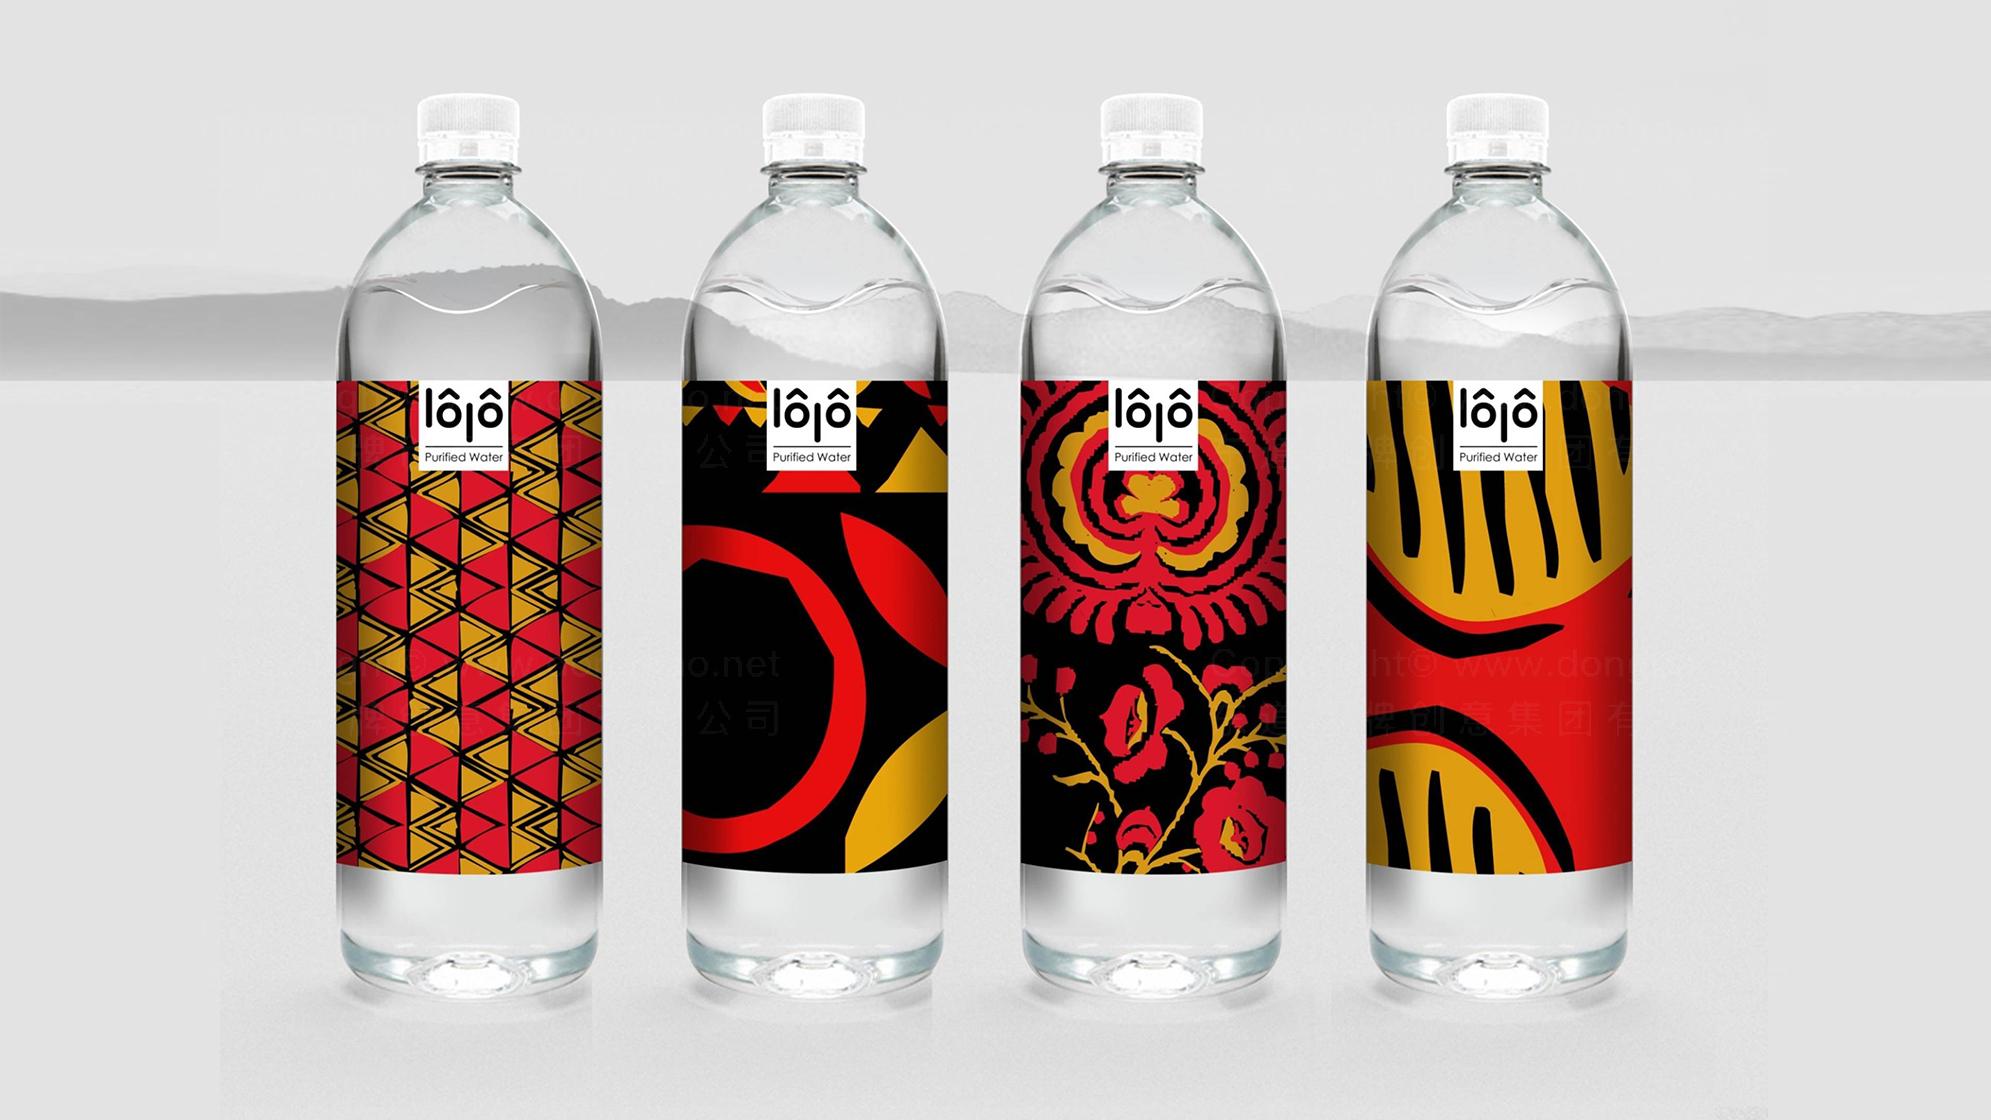 彝族logo文创设计应用